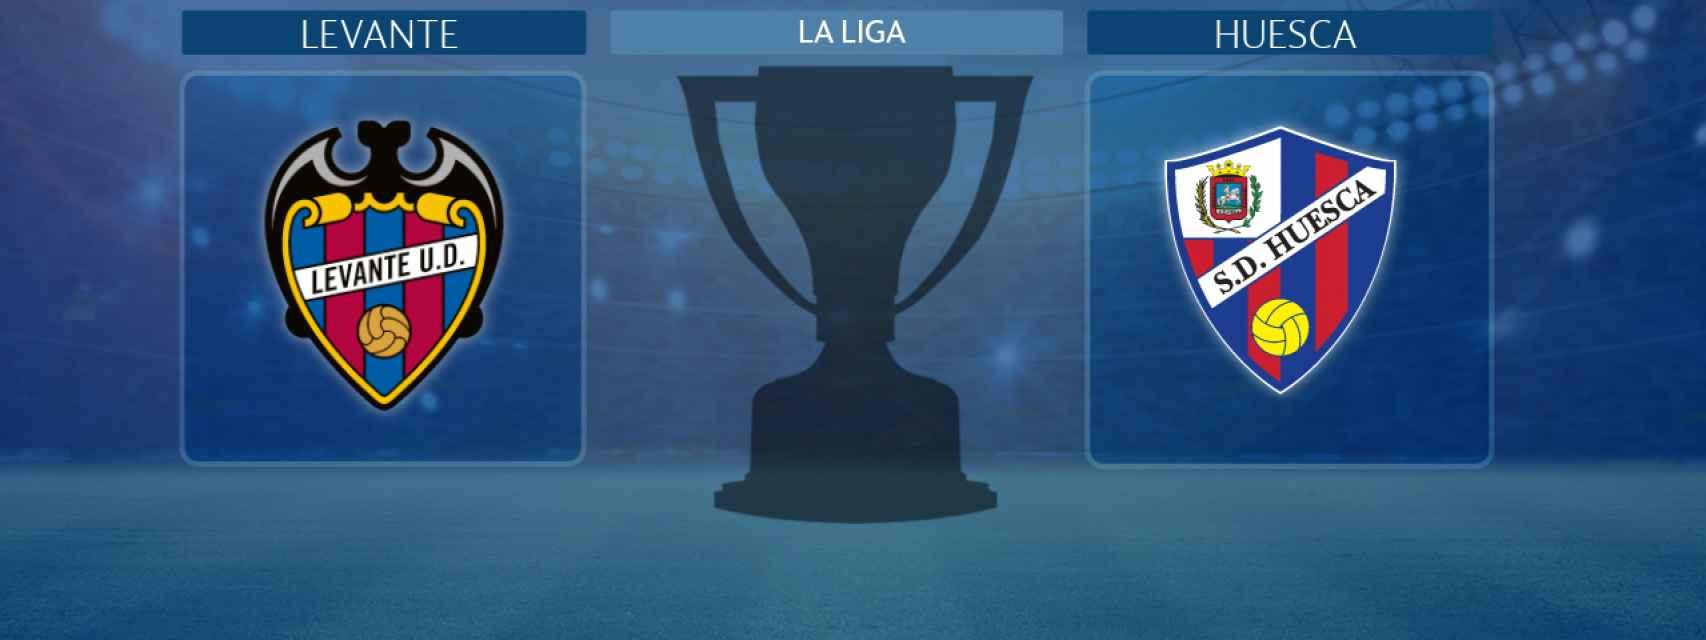 Levante - Huesca, partido de La Liga